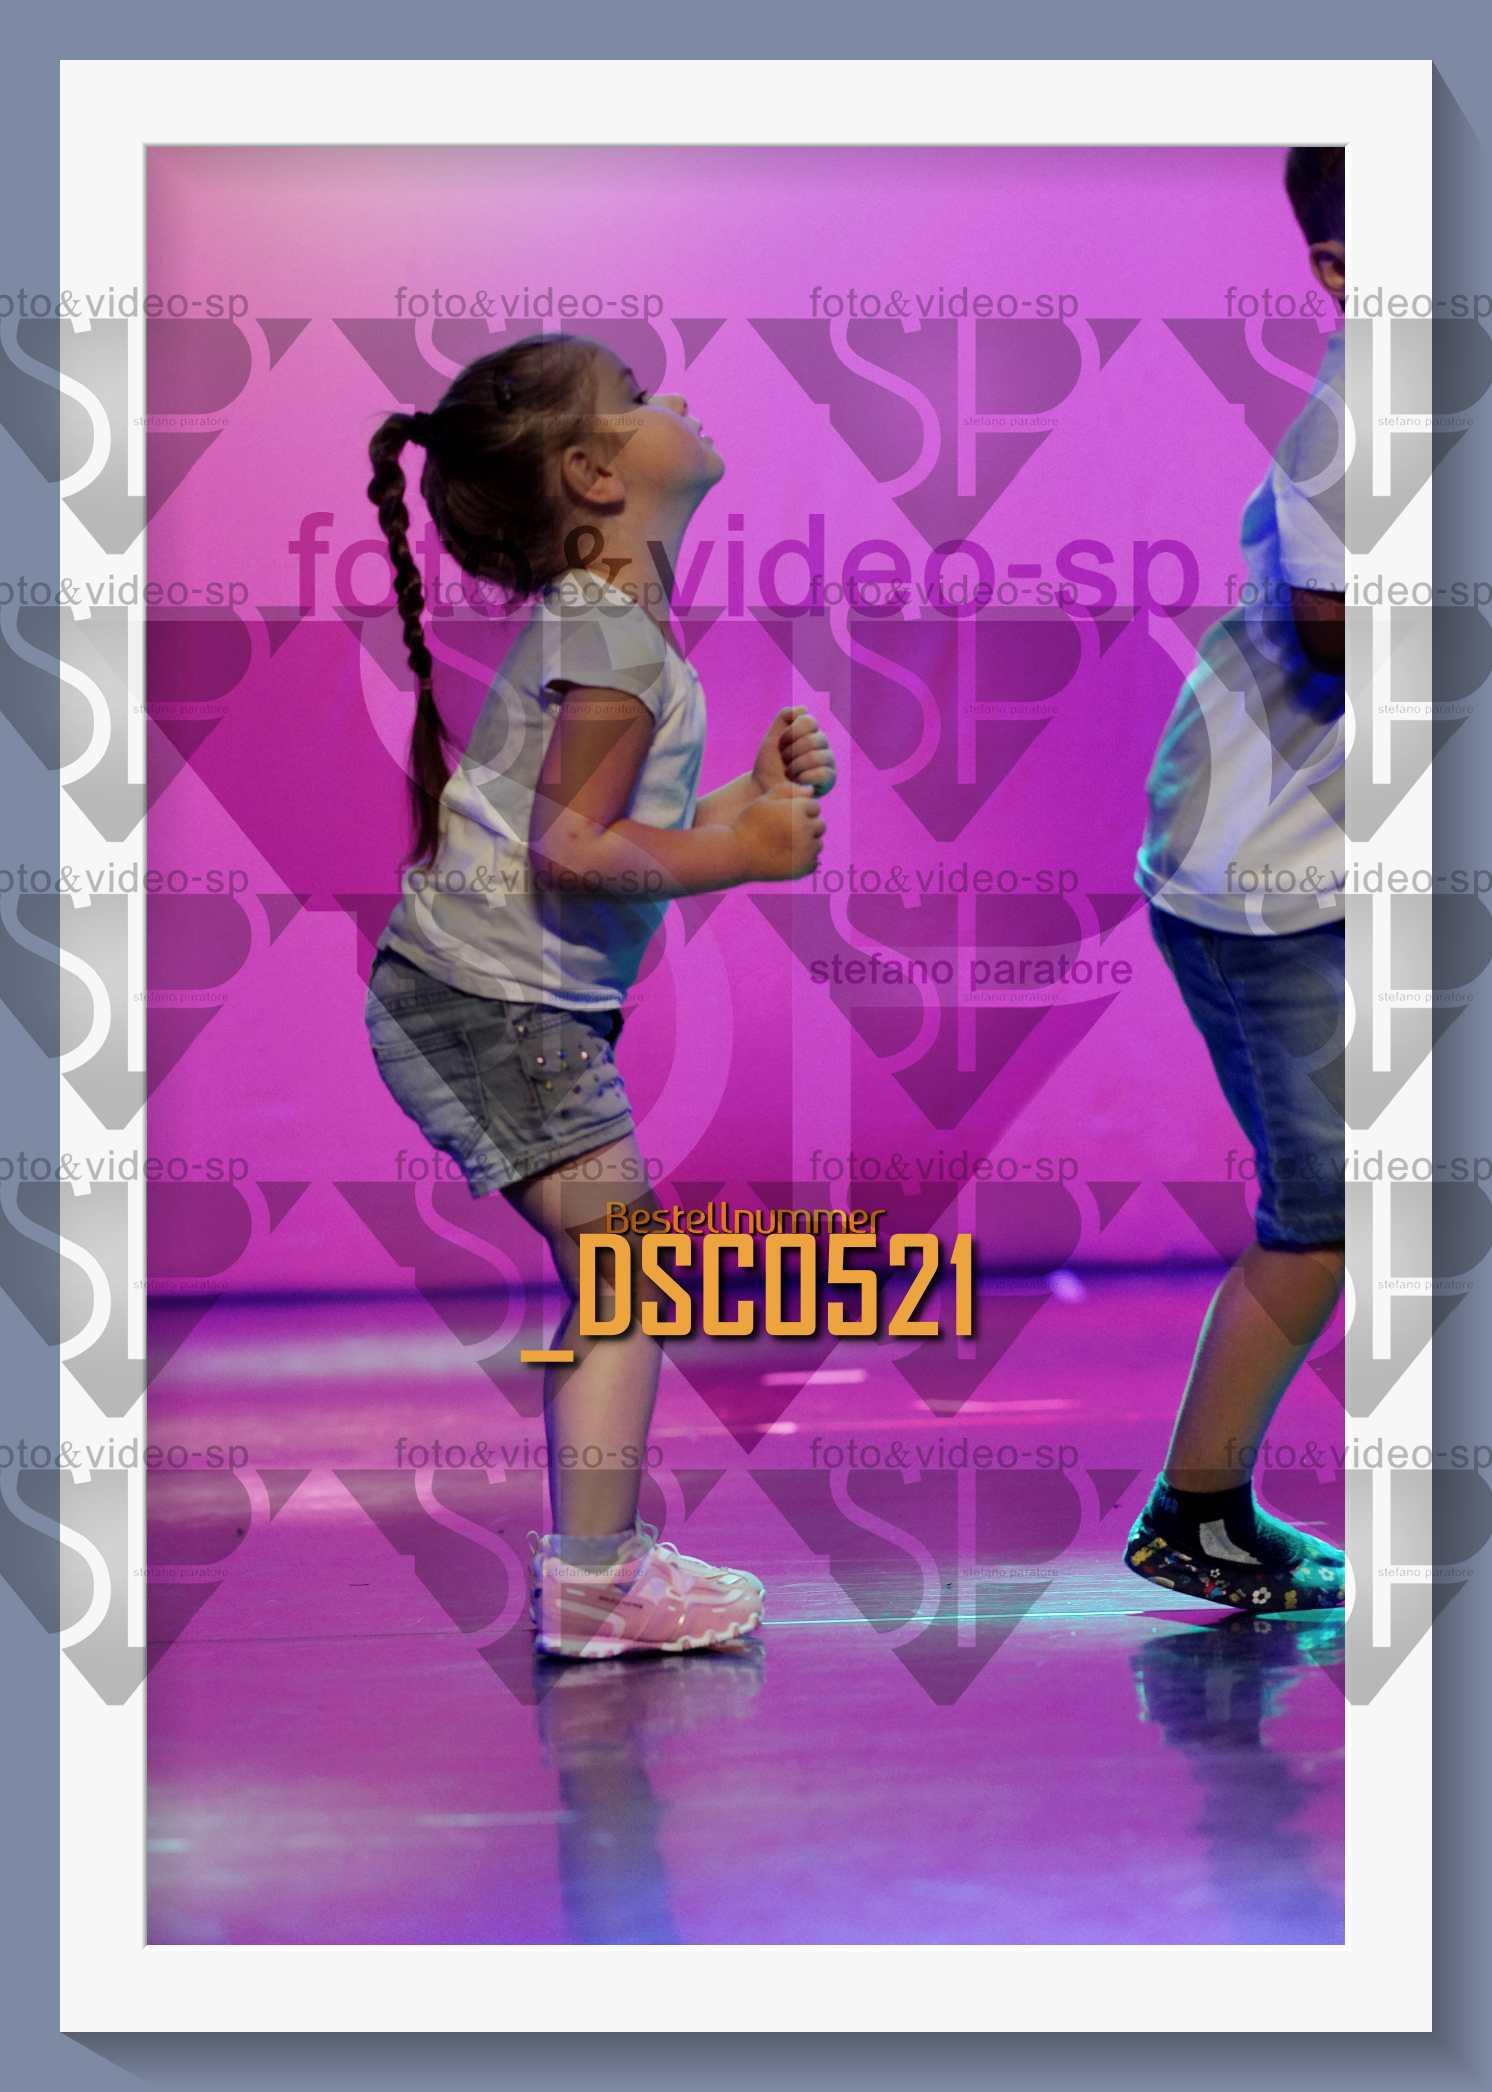 DSC0521